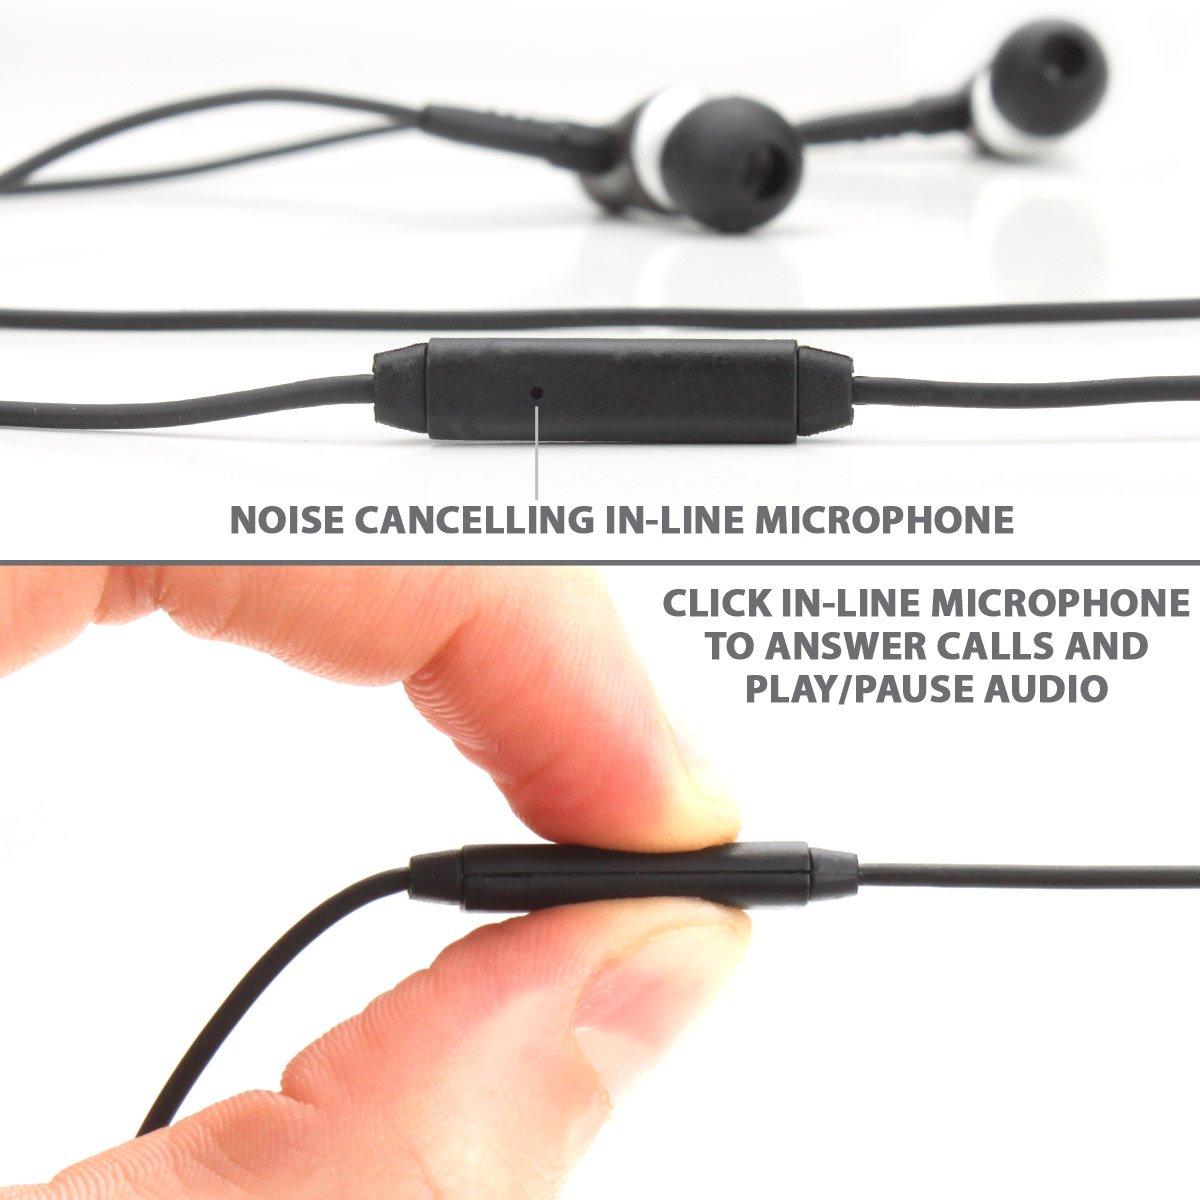 GOgroove Auriculares Micrófono y Reducción Ruido (Madera de Nogal): Amazon.es: Electrónica